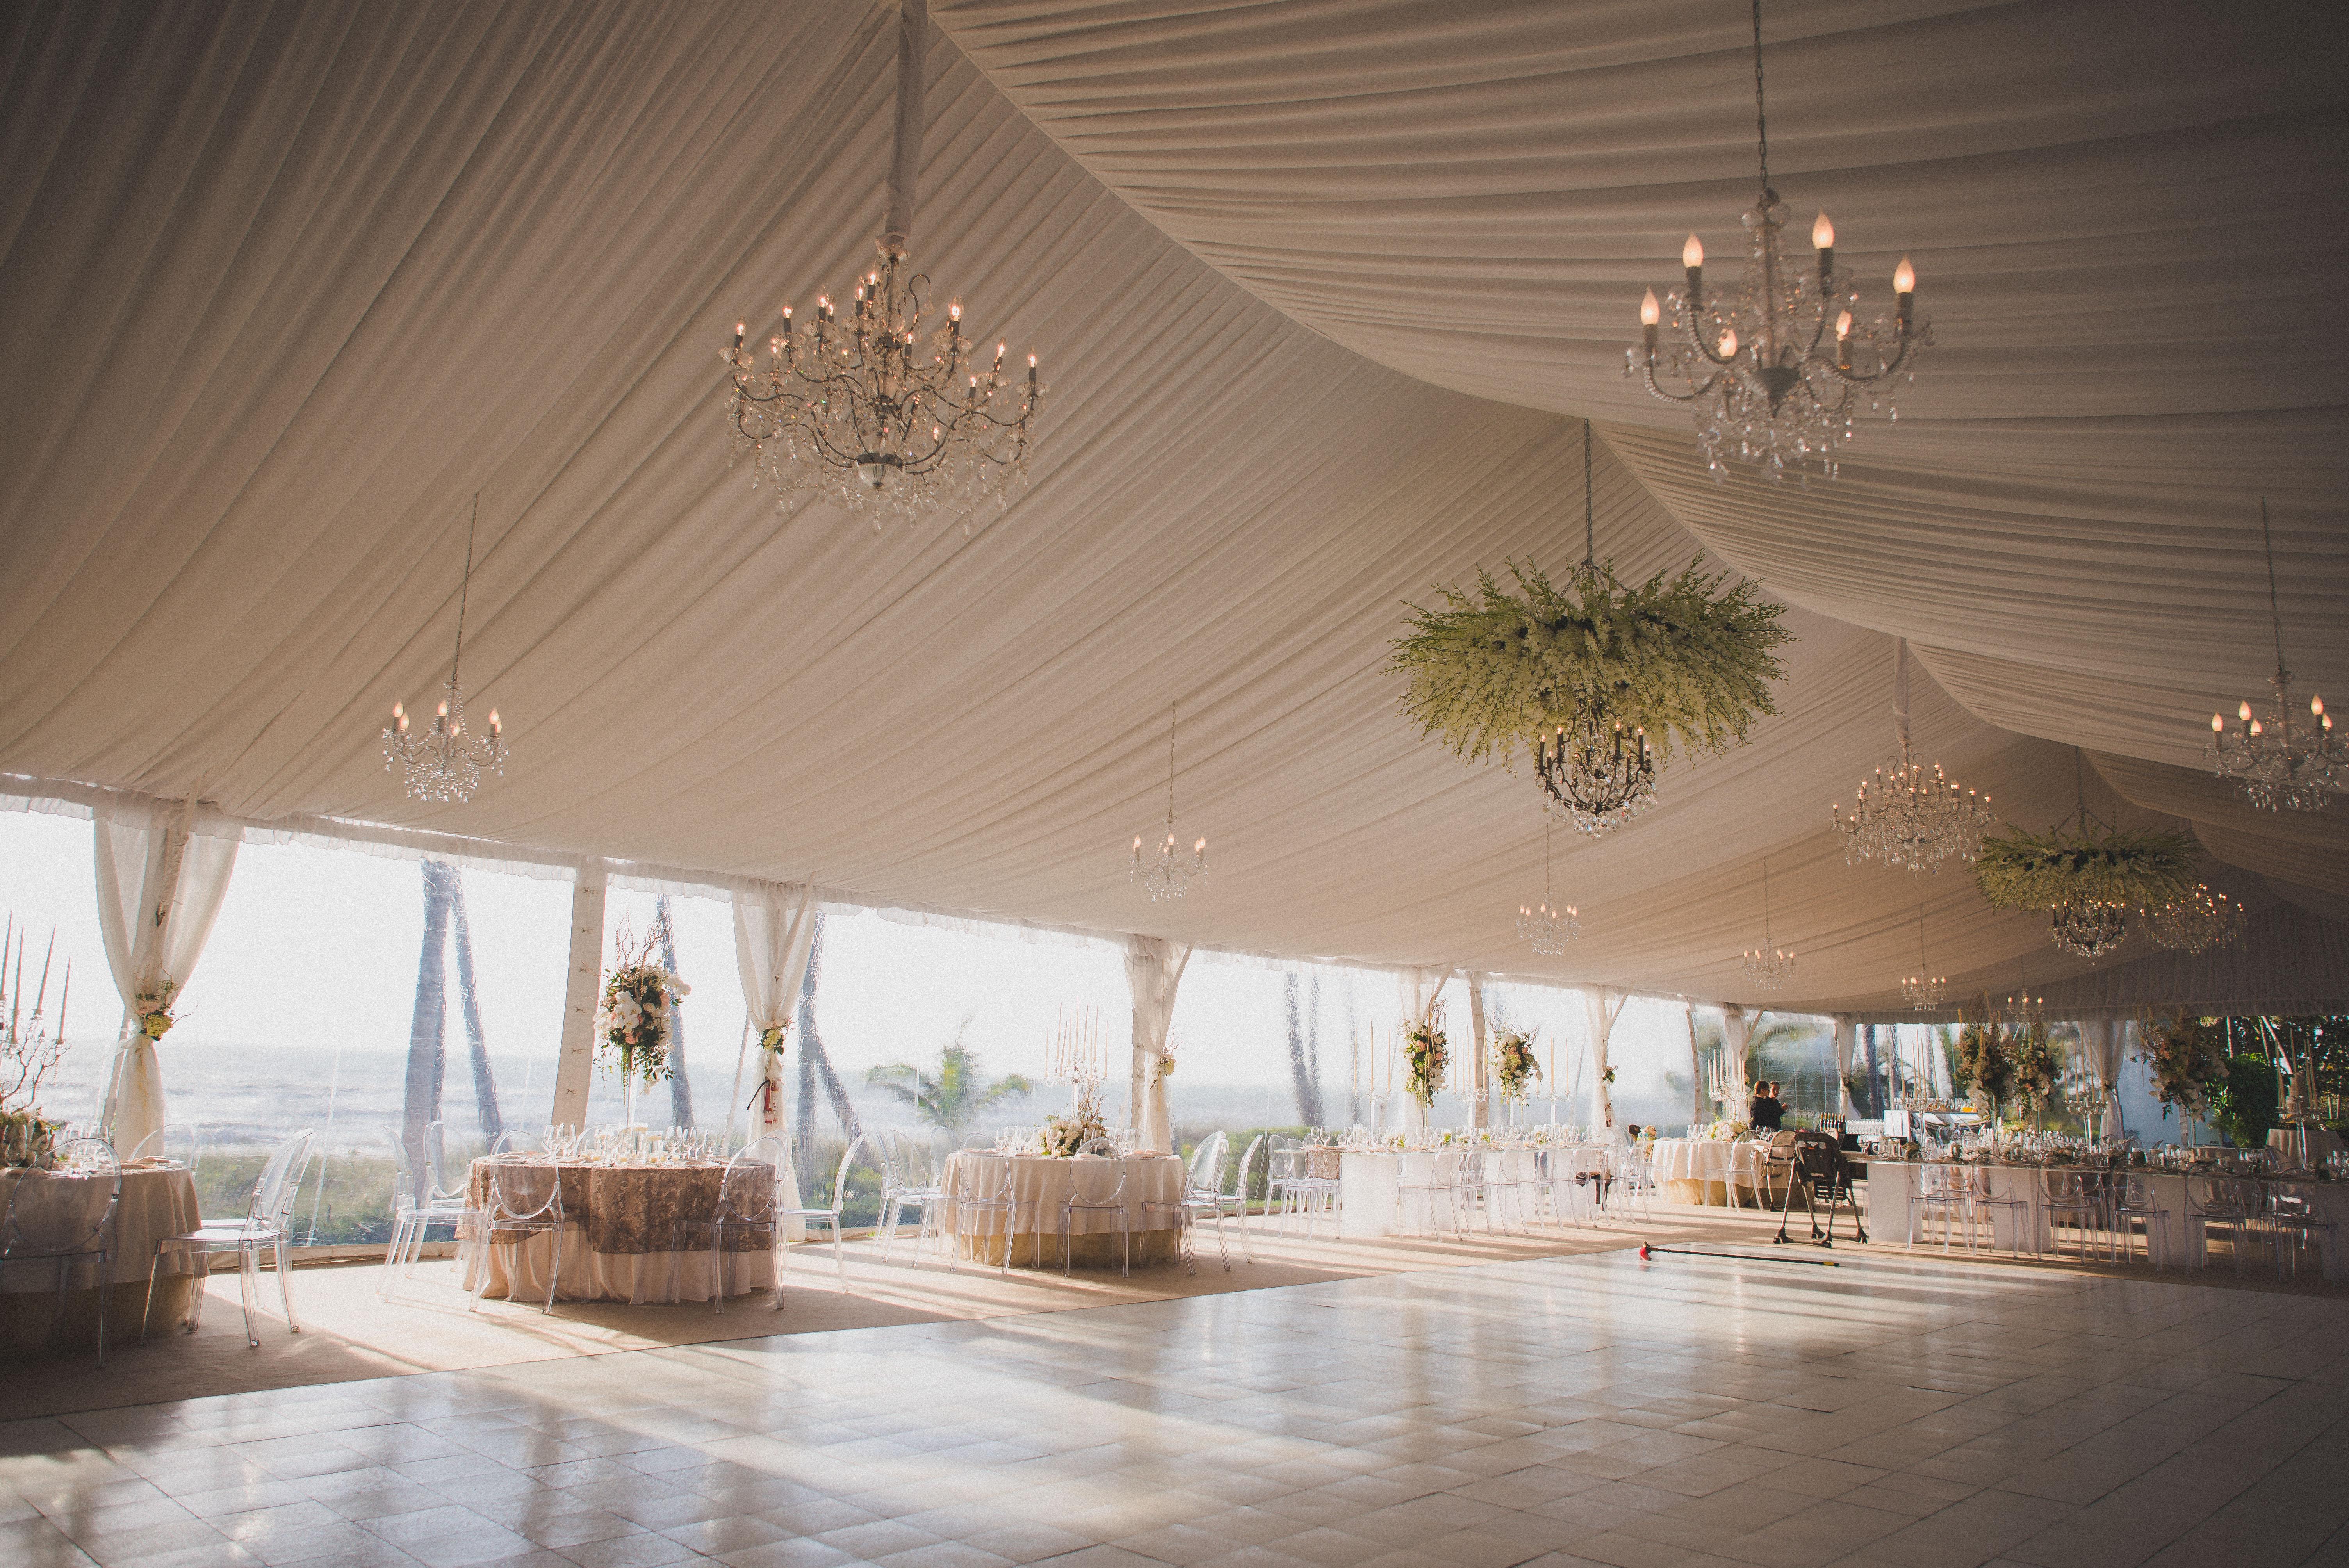 wedding tent liner